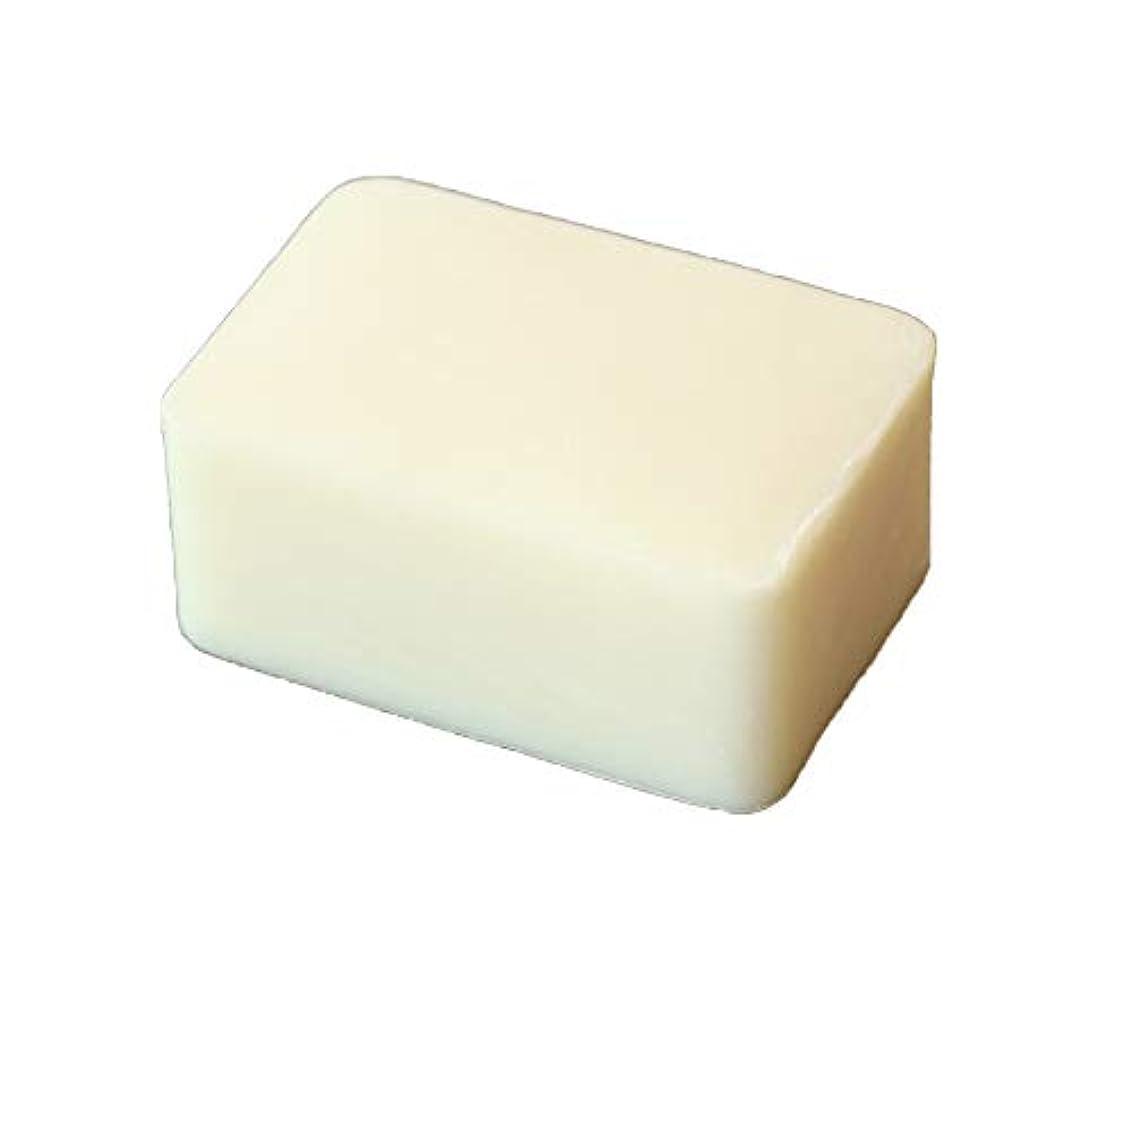 デンプシークラッチ首相【絹屋】絹の石鹸(5468)